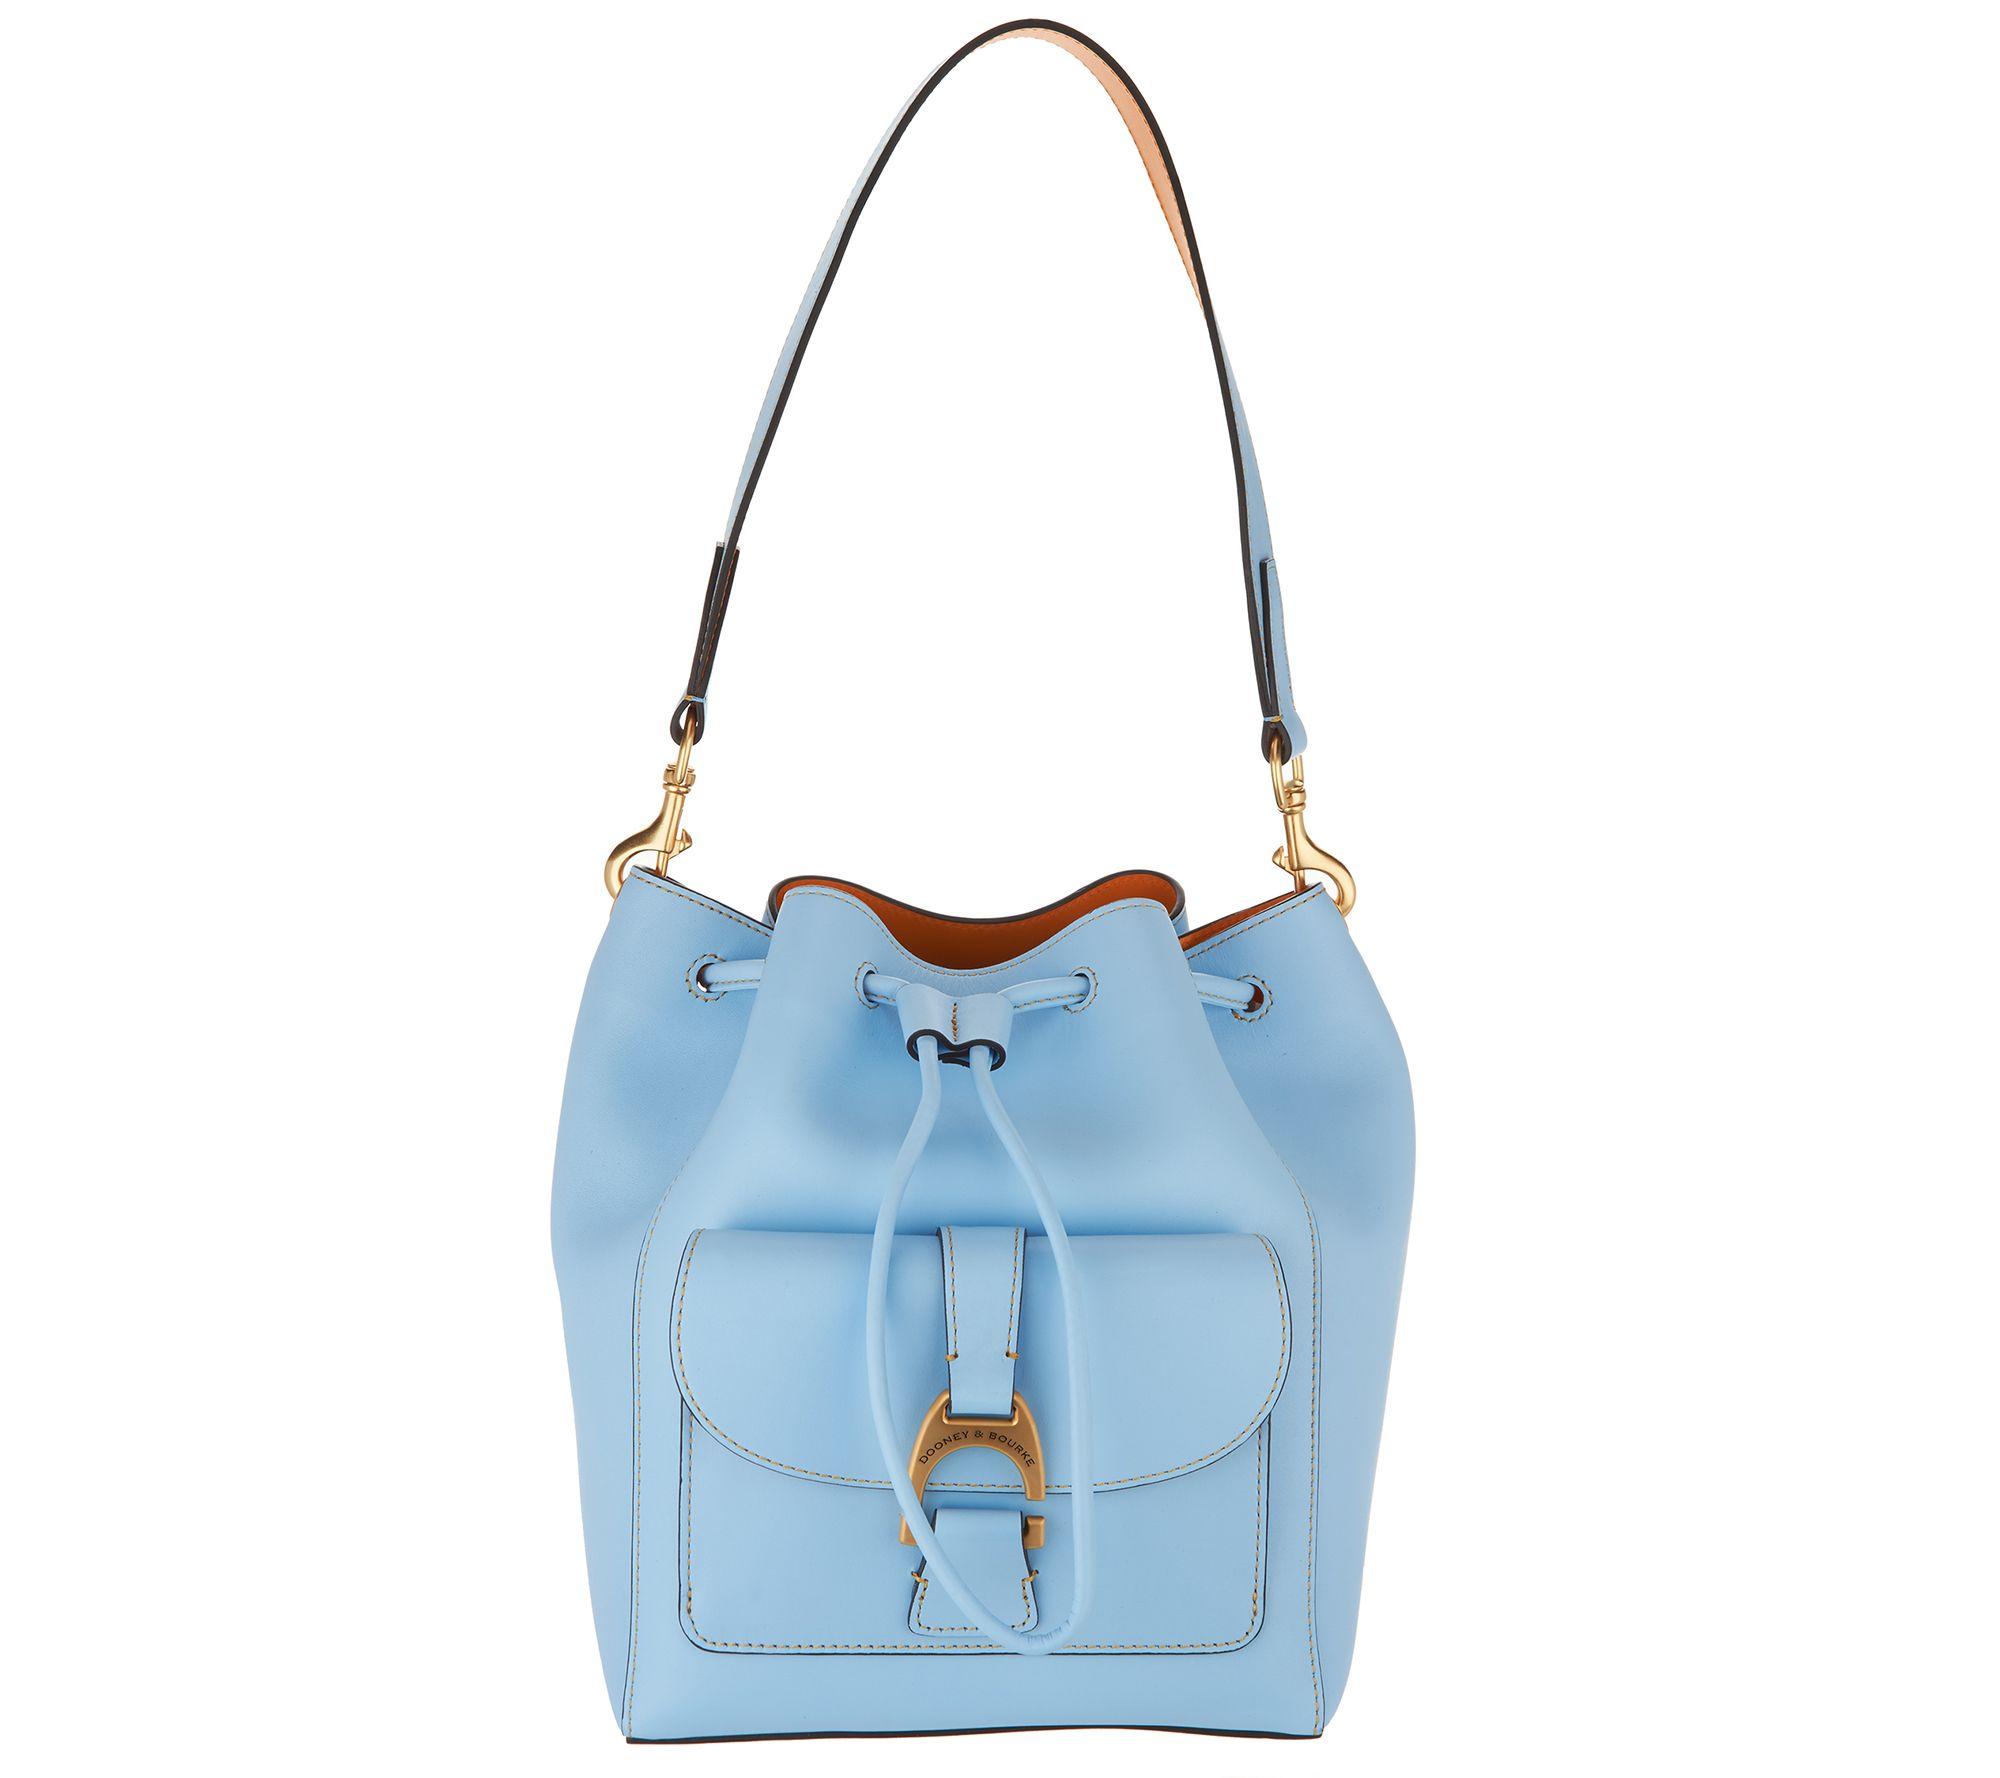 c257ce940dd8 Dooney & Bourke Emerson Leather Drawstring Bag - Marlowe — QVC.com